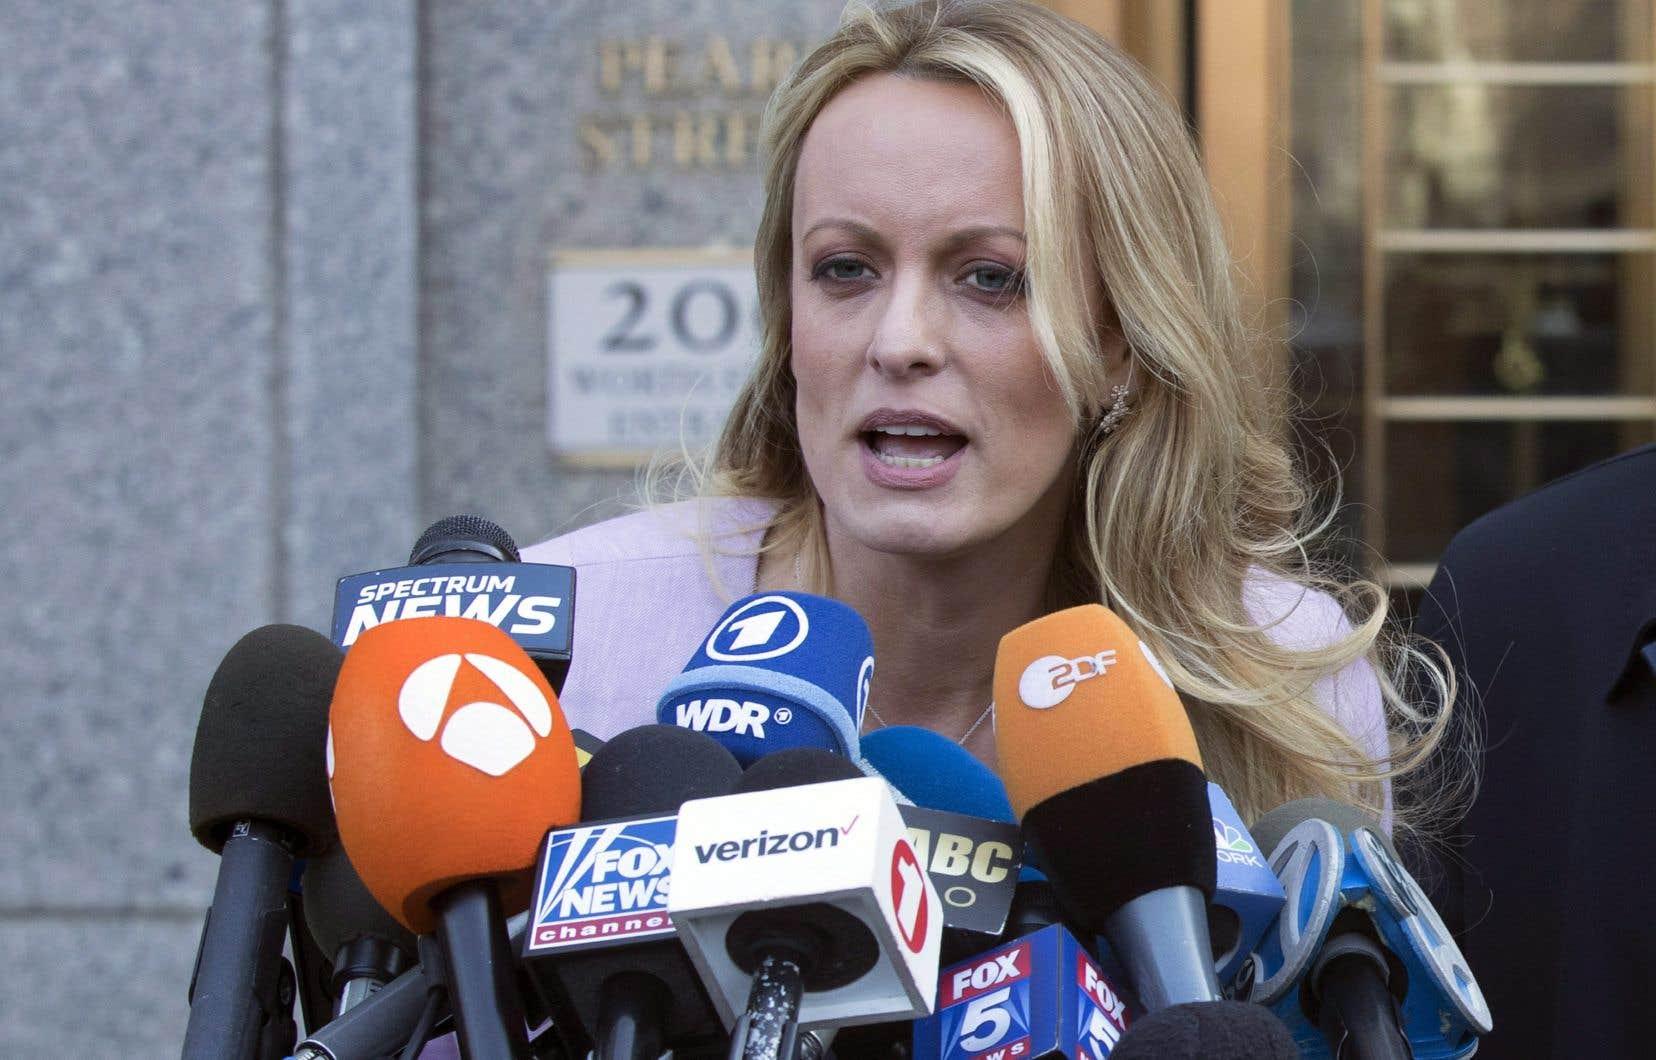 L'avocat de Stormy Daniels, Michael Avenatti, a défendu le livre de sa cliente, affirmant que le plus important n'était pas la description de sa liaison présumée.